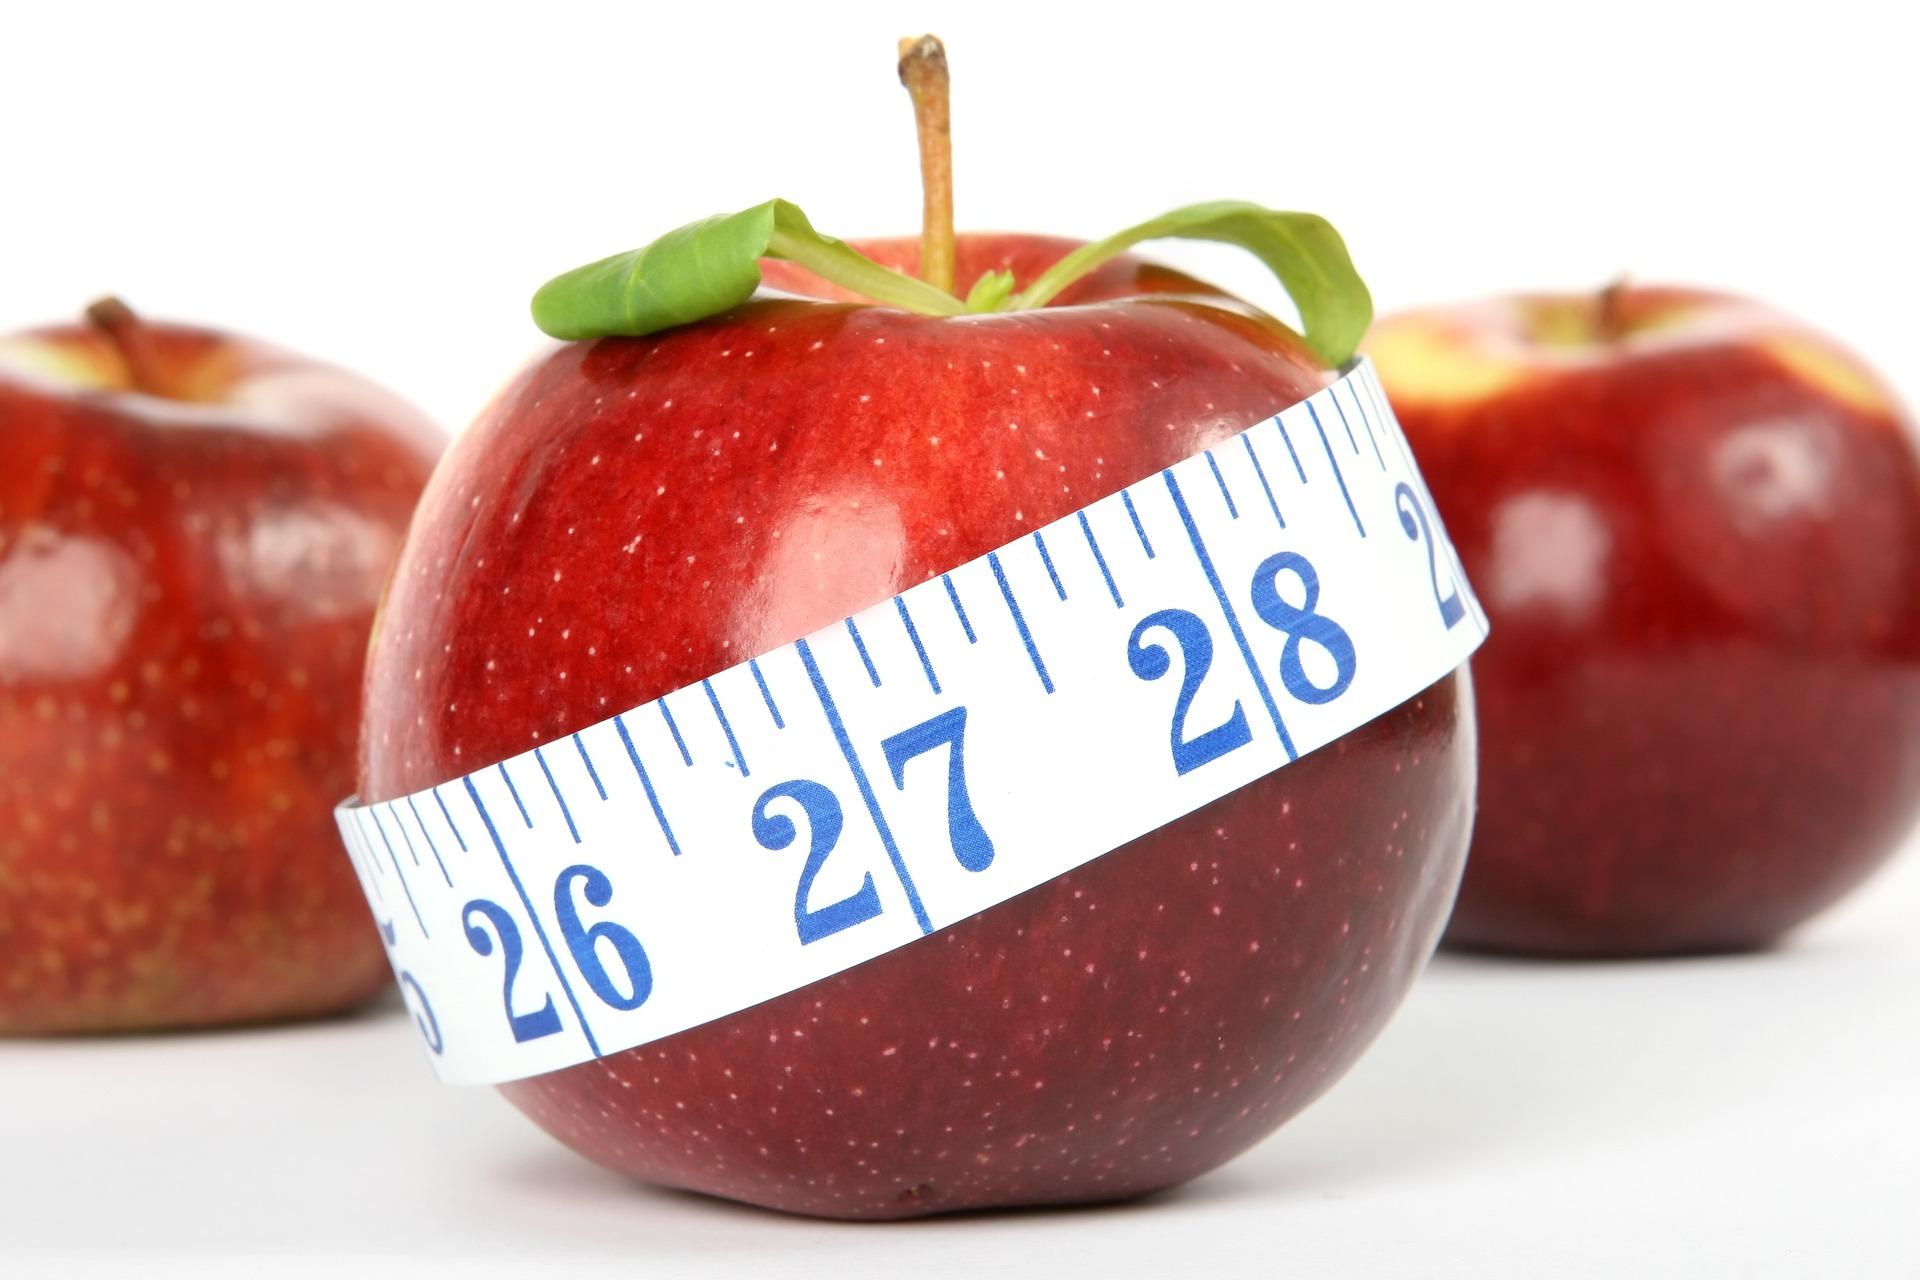 Dieta sana per dimagrire dieta sana dimagrante dieta sana sana dieta.